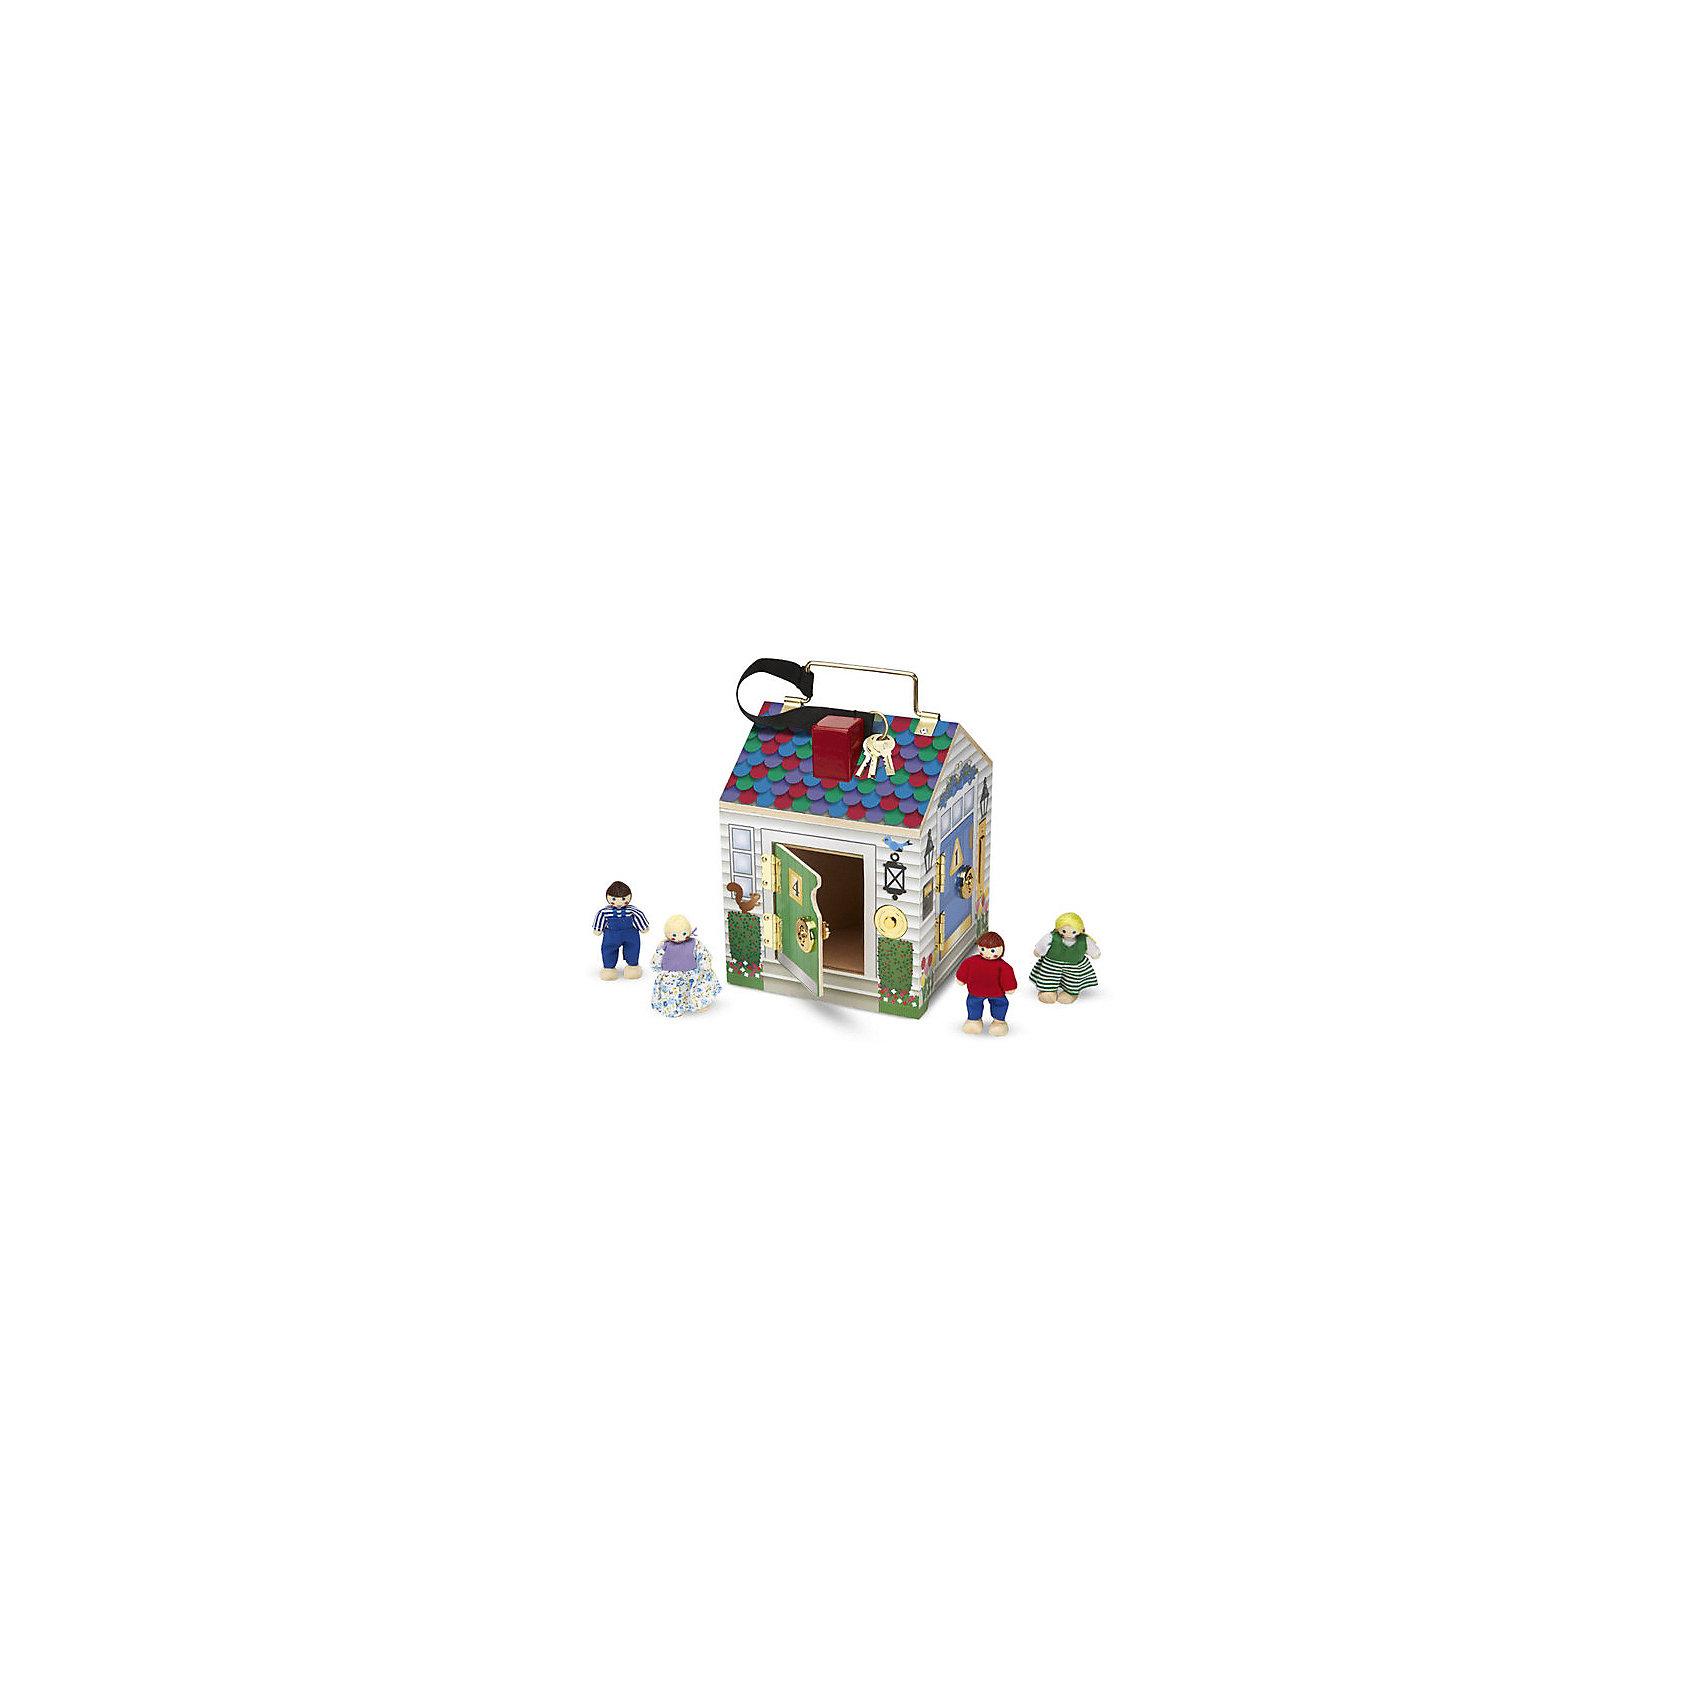 Игрушка Домик с замками, Melissa &amp; DougИгрушечные домики и замки<br>Игрушка Домик с замками, Melissa &amp; Doug - это настоящее приключение для маленьких исследователей! Маленькие дети обожают открывать ящики и искать новые уголки. Подарите малышу необыкновенный домик, в котором целых четыре комнаты, где его ожидают милые человечки. Замечательная игрушка надолго займет внимание малыша, ведь каждую дверку нужно открыть ключиком и предварительно позвонить в очаровательный звоночек. У каждого звоночка своя прекрасная  мелодия. Благодаря металлической ручке на крыше домик легко переносить. Его можно взять с собой на прогулку или в гости.  Прекрасный домик поможет укрепить детские пальчики, будет способствовать развитию мелкой моторики, воображения, внимания, стимулировать развитие мозга. Создайте свой мир вместе с  Melissa &amp; Doug!<br><br>Дополнительная информация:<br><br>- Потрясающие подарок;<br>- Отличный тренажер мелкой моторики;<br>- В комплекте: домик, 4 человечка, ключики; <br>- Красочный дизайн;<br>- Материал: дерево, прессованный картон, ПВХ;<br>- Для работы звонков необходимы батарейки: 2 шт. типа ААА (в комплект не входят);<br>- Размер игрушки: 17 х 22 х 17 см;<br>- Вес: 1,13 кг<br><br>Игрушку Домик с замками, Melissa &amp; Doug можно купить в нашем интернет-магазине.<br><br>Ширина мм: 170<br>Глубина мм: 170<br>Высота мм: 220<br>Вес г: 1133<br>Возраст от месяцев: 24<br>Возраст до месяцев: 60<br>Пол: Унисекс<br>Возраст: Детский<br>SKU: 3861953